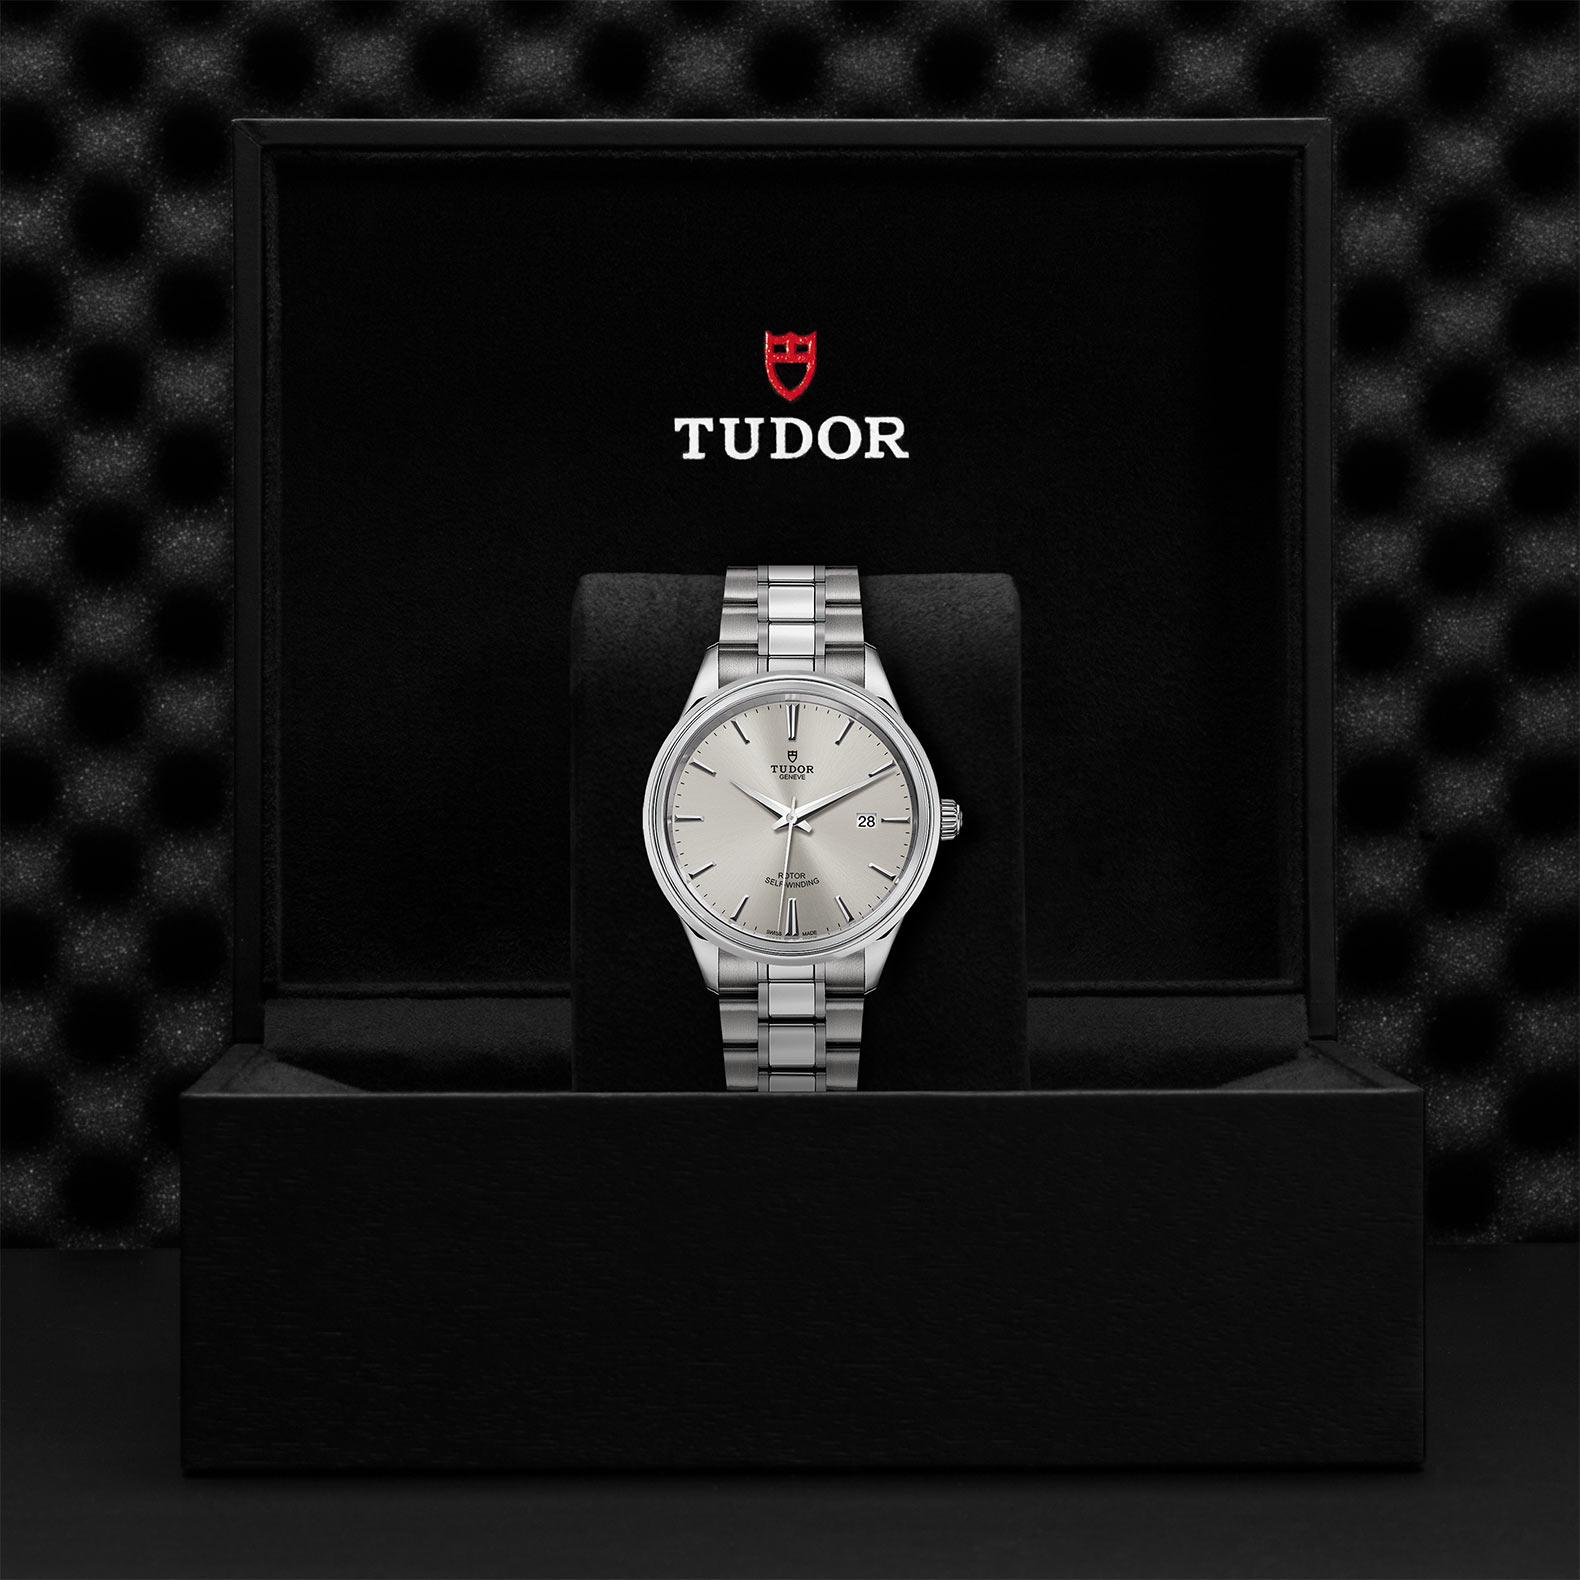 TUDOR Style - Rivenditore autorizzato a